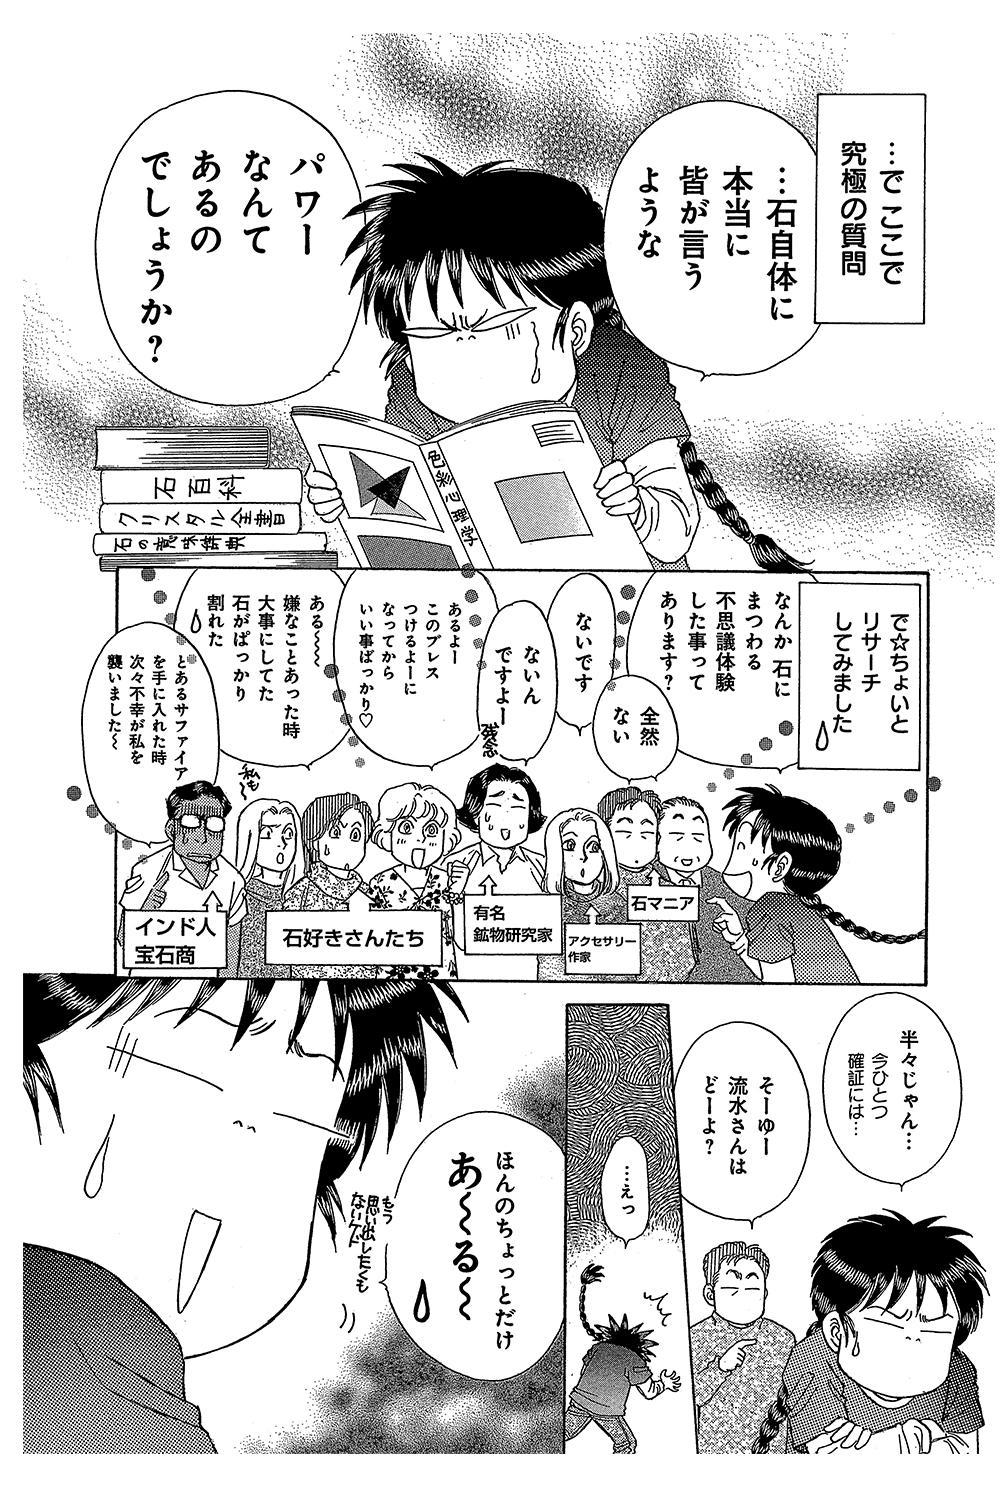 オカルト万華鏡 第1話 ①oka06.jpg